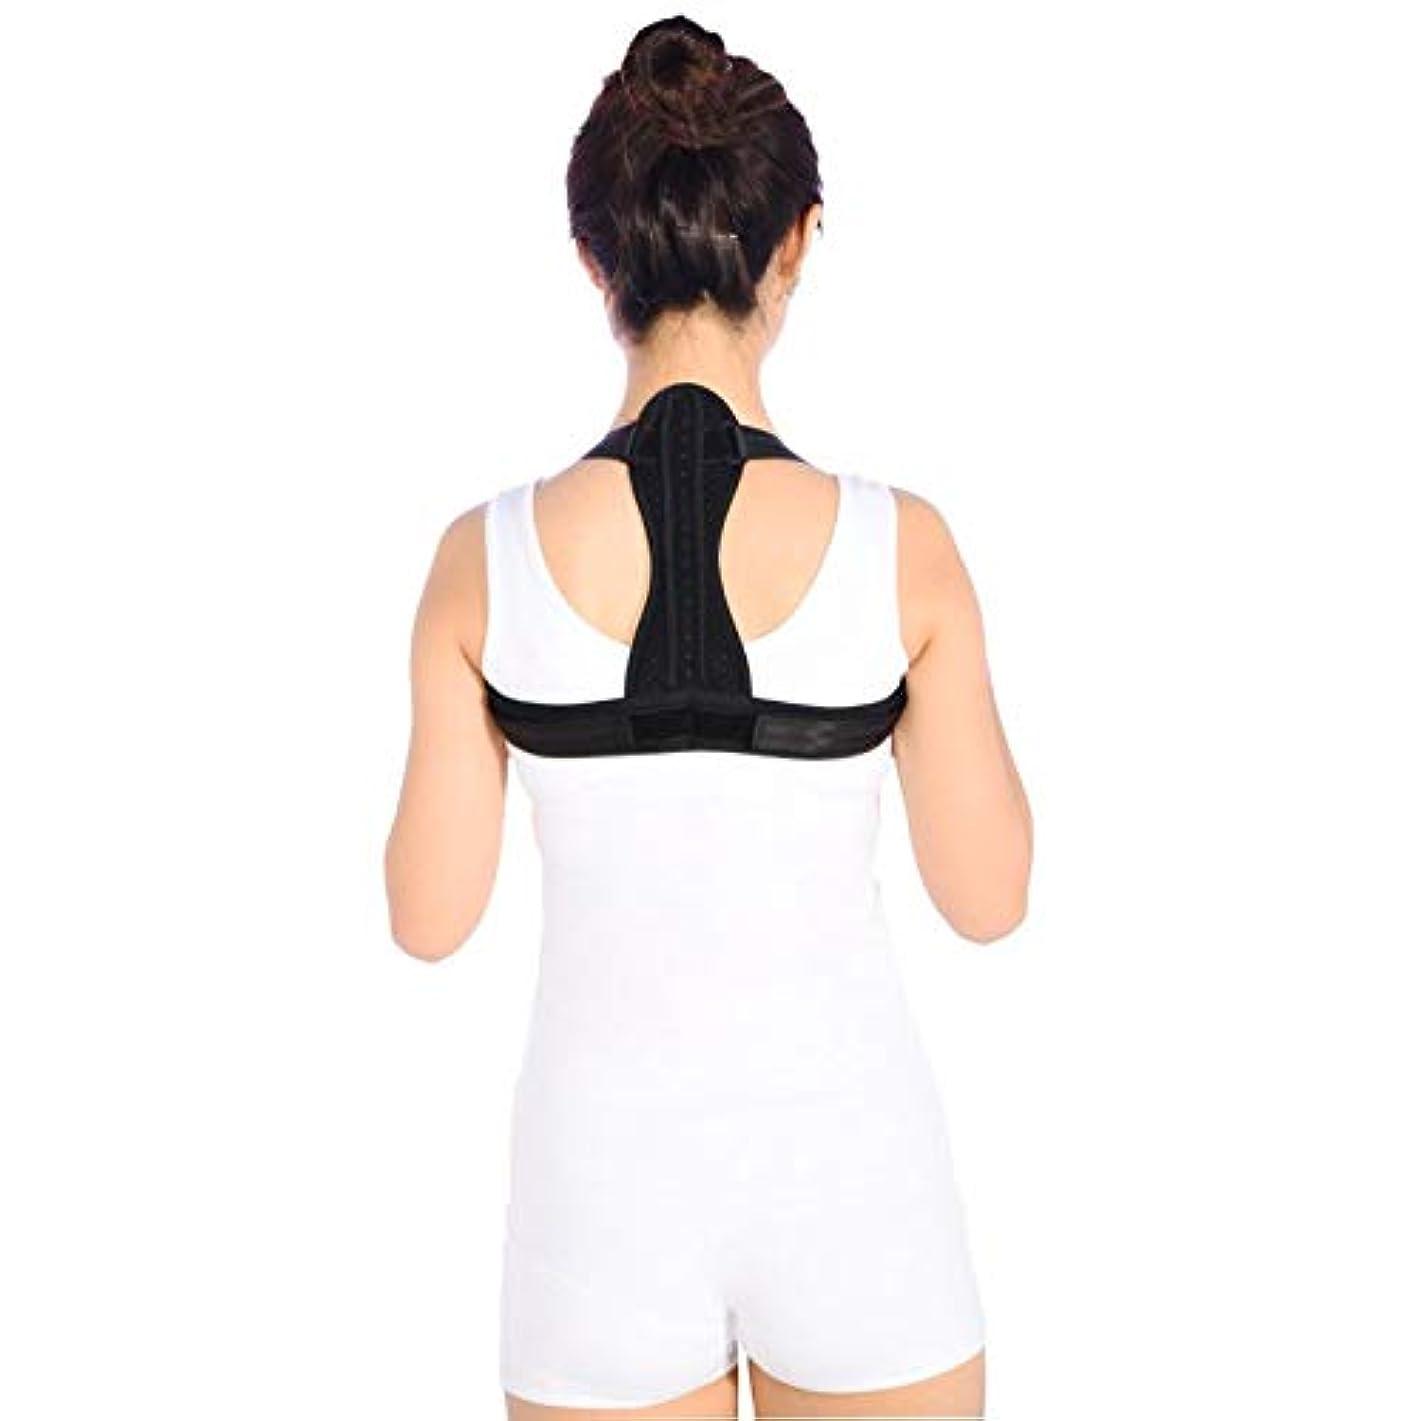 ふさわしい本スコットランド人通気性の脊柱側弯症ザトウクジラ補正ベルト調節可能な快適さ目に見えないベルト男性女性大人学生子供 - 黒